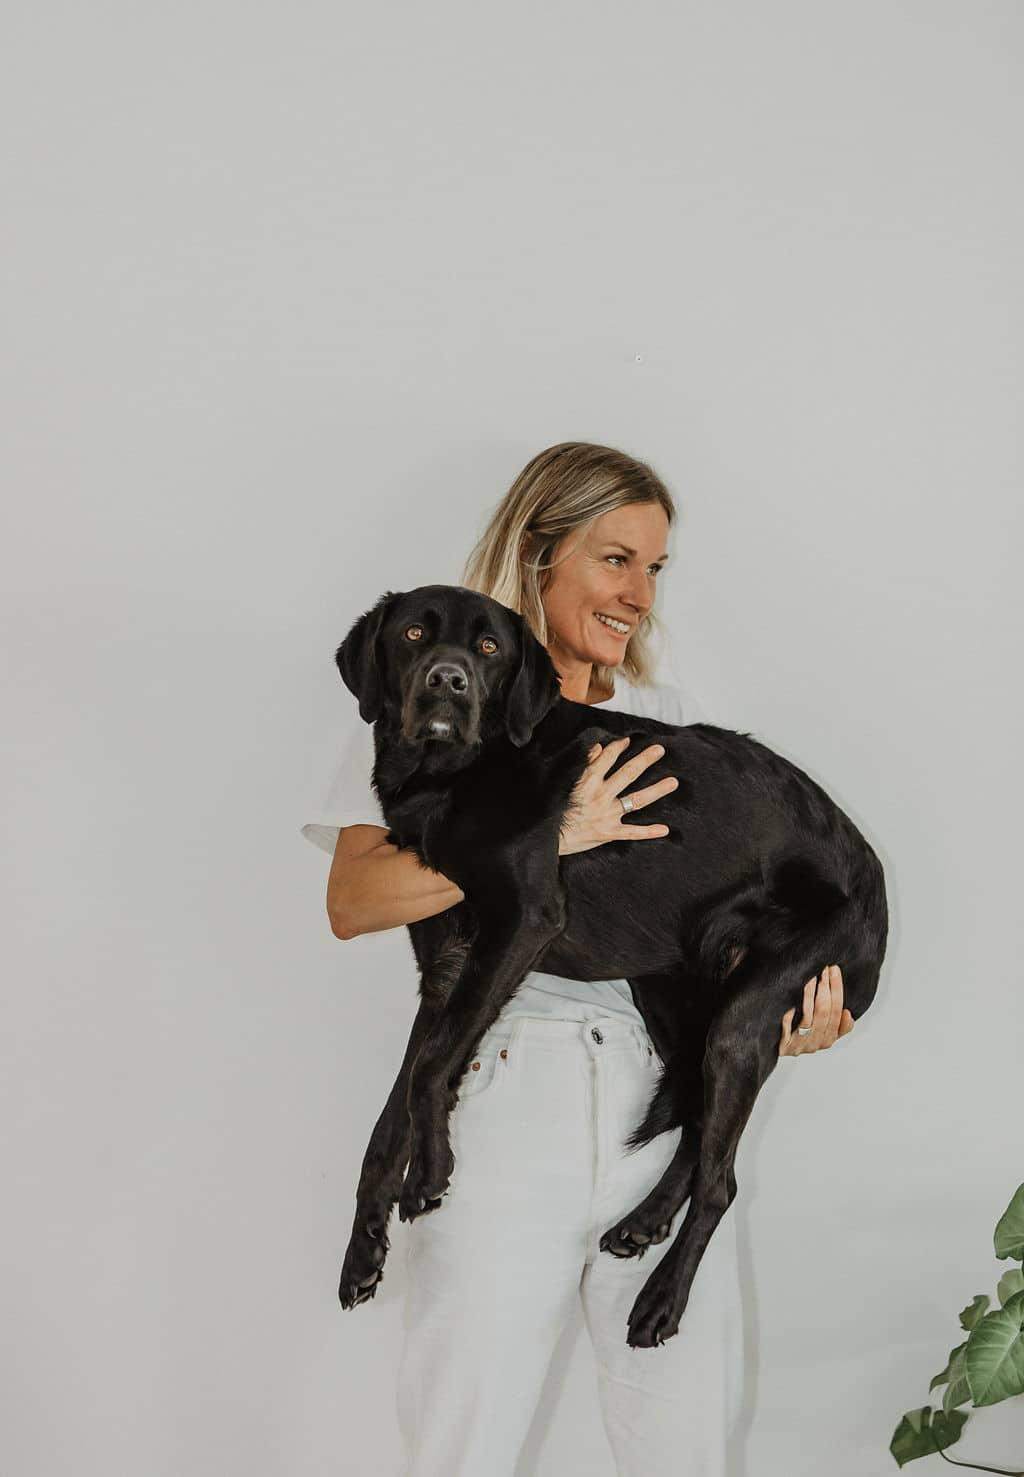 An Lalemant avec dans ses bras son chien Rox pour Maison Medor